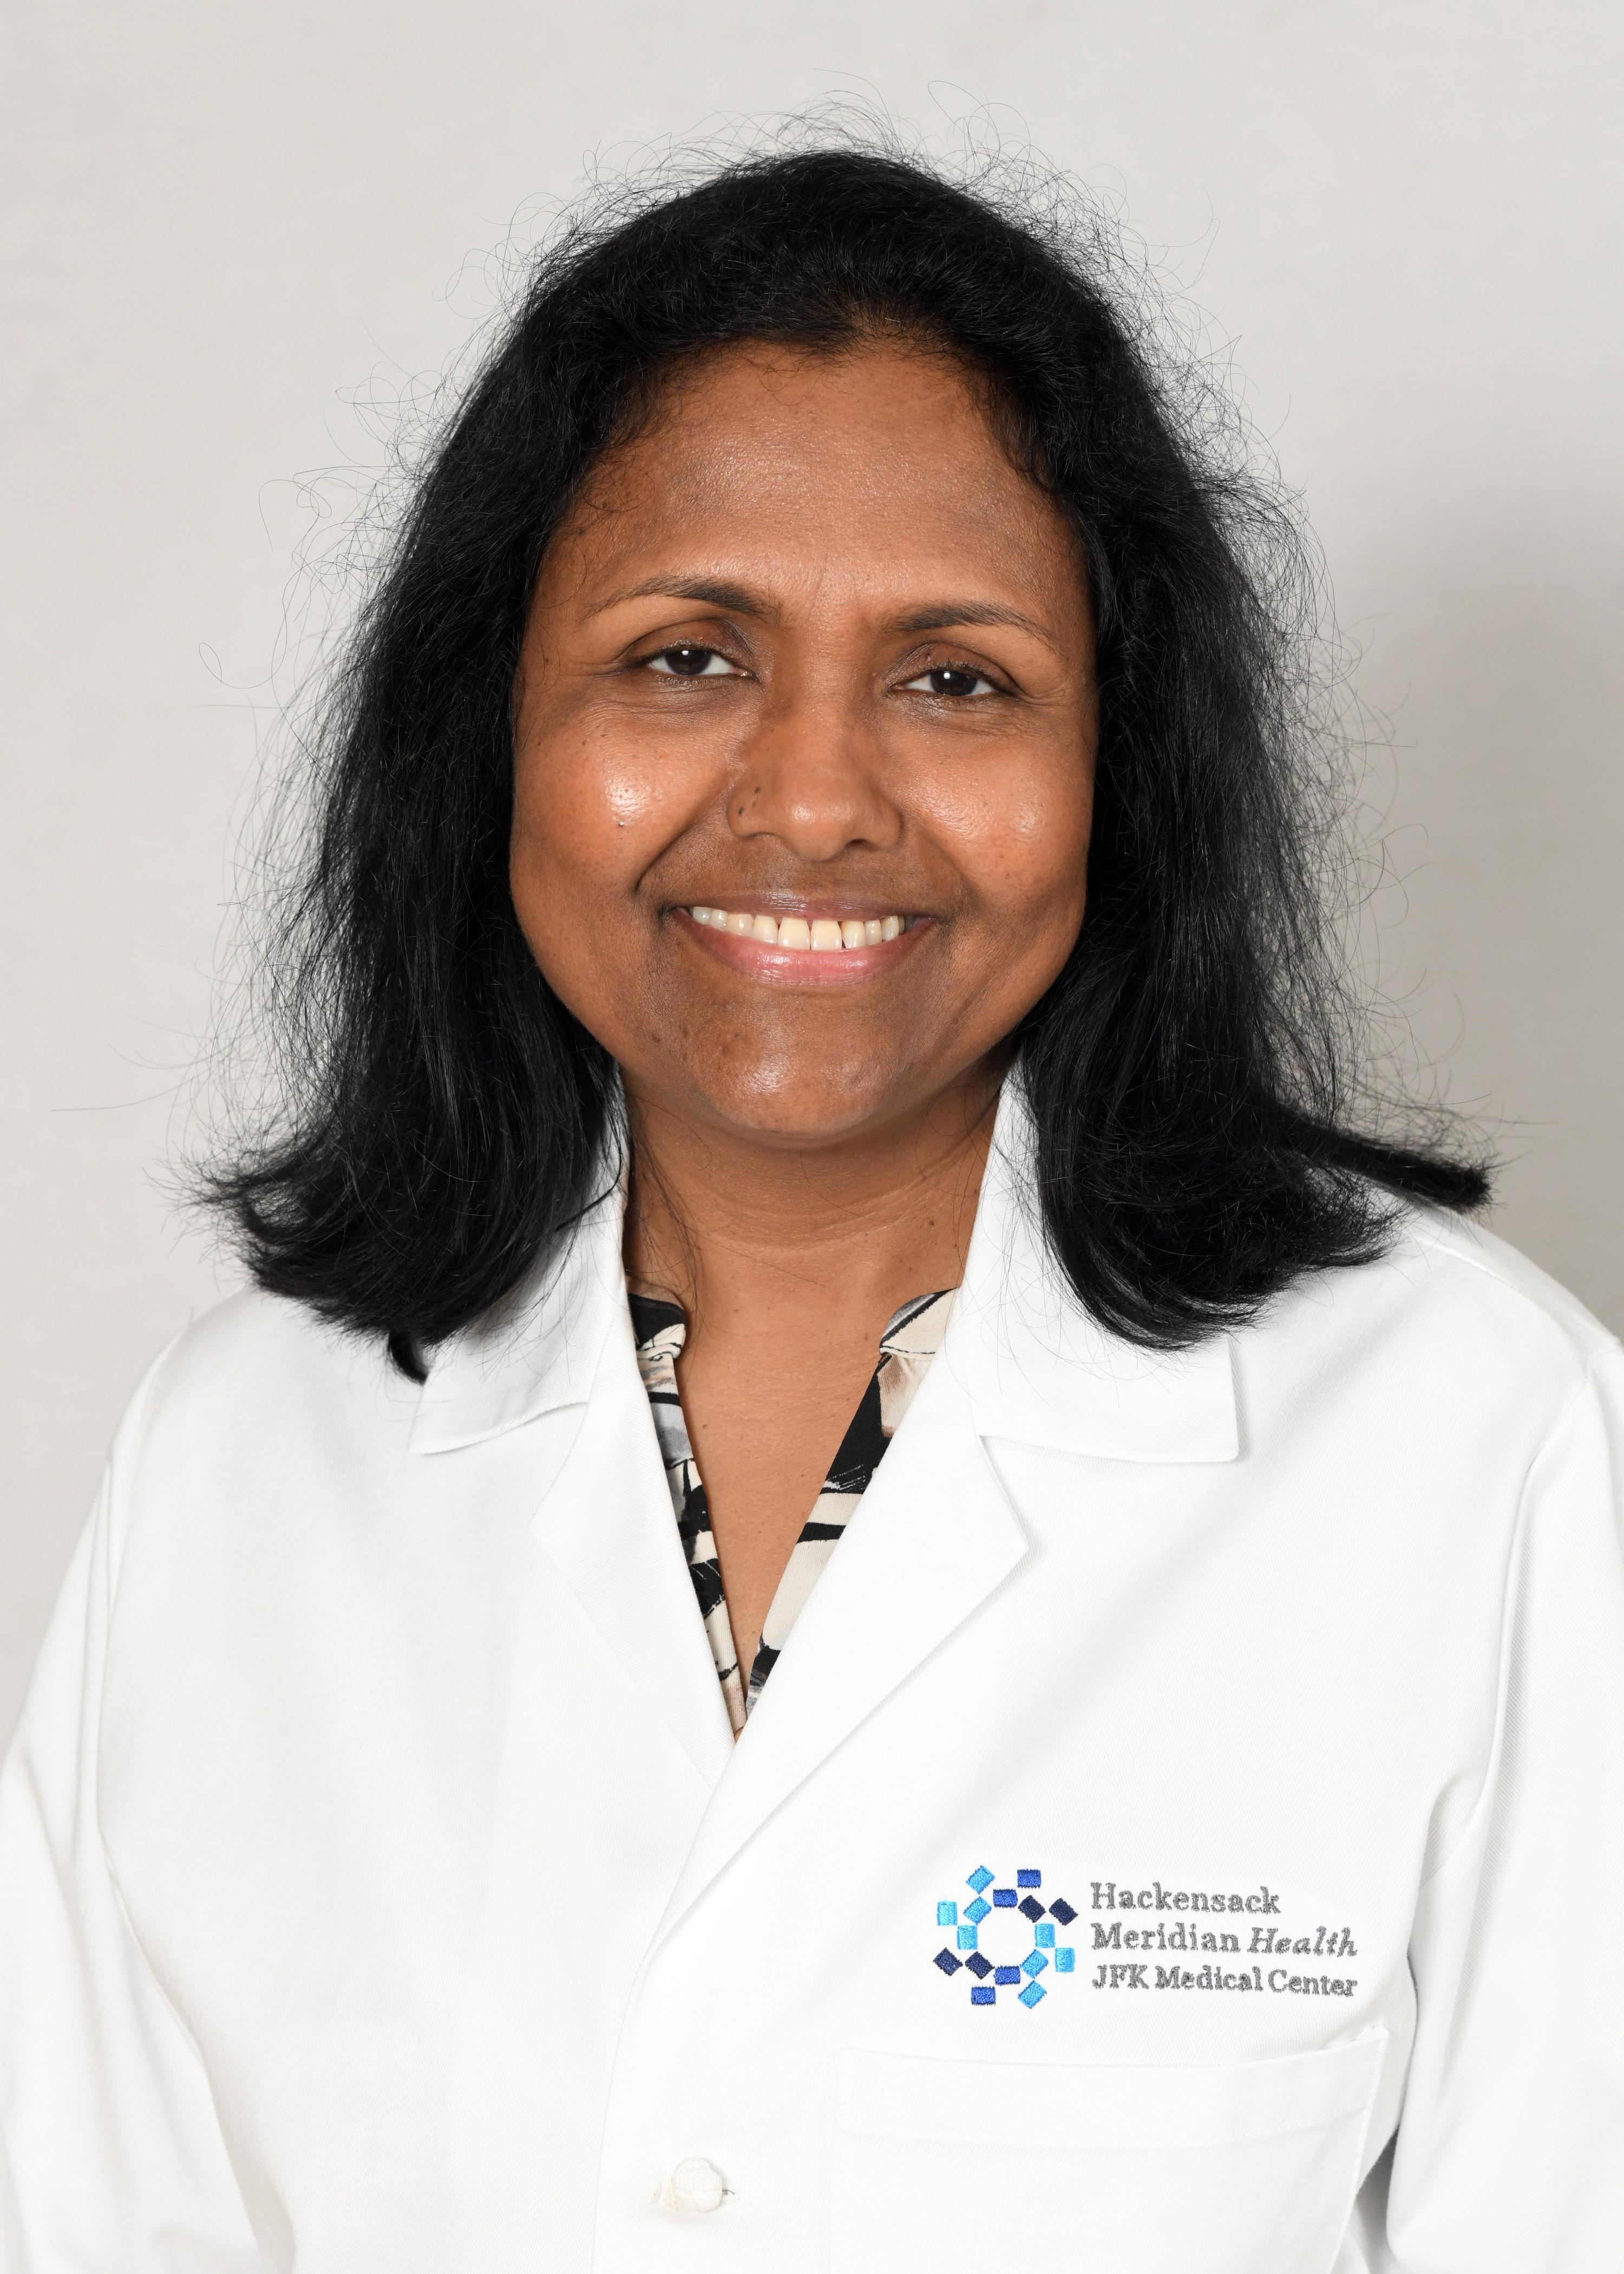 Image of Savitra Bandari, M.D.